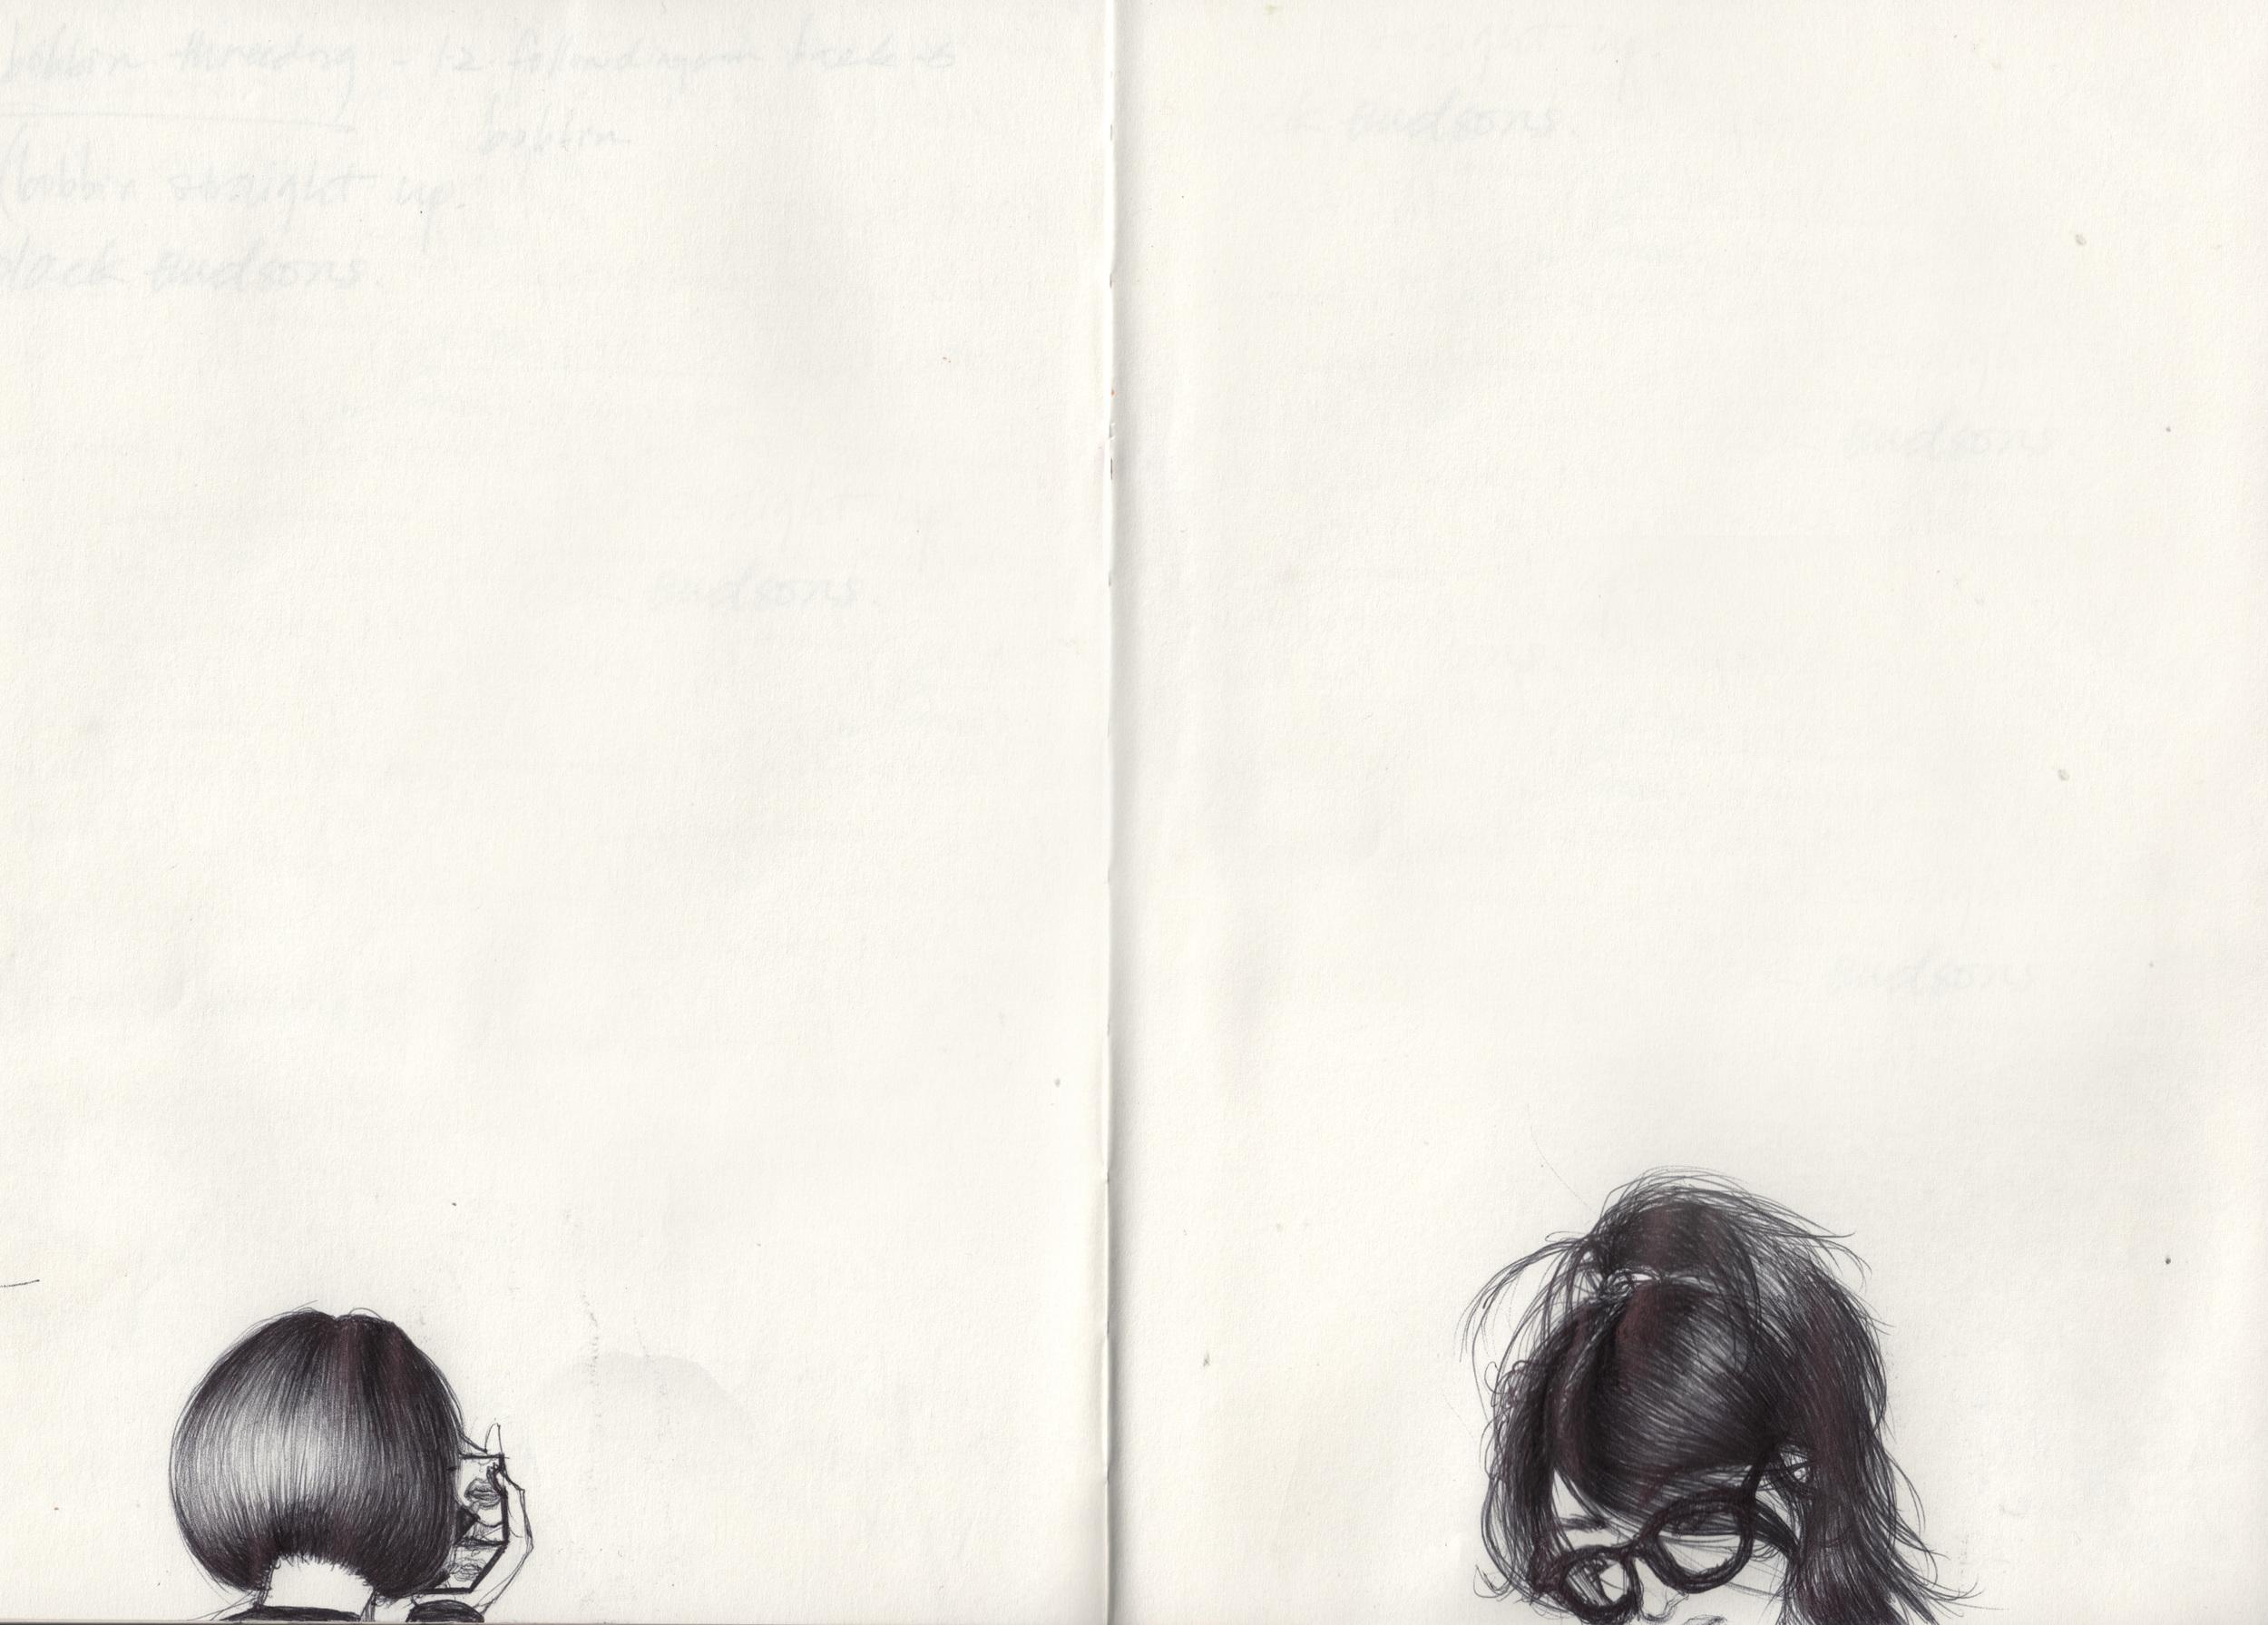 lai_scan bottom girls.jpg